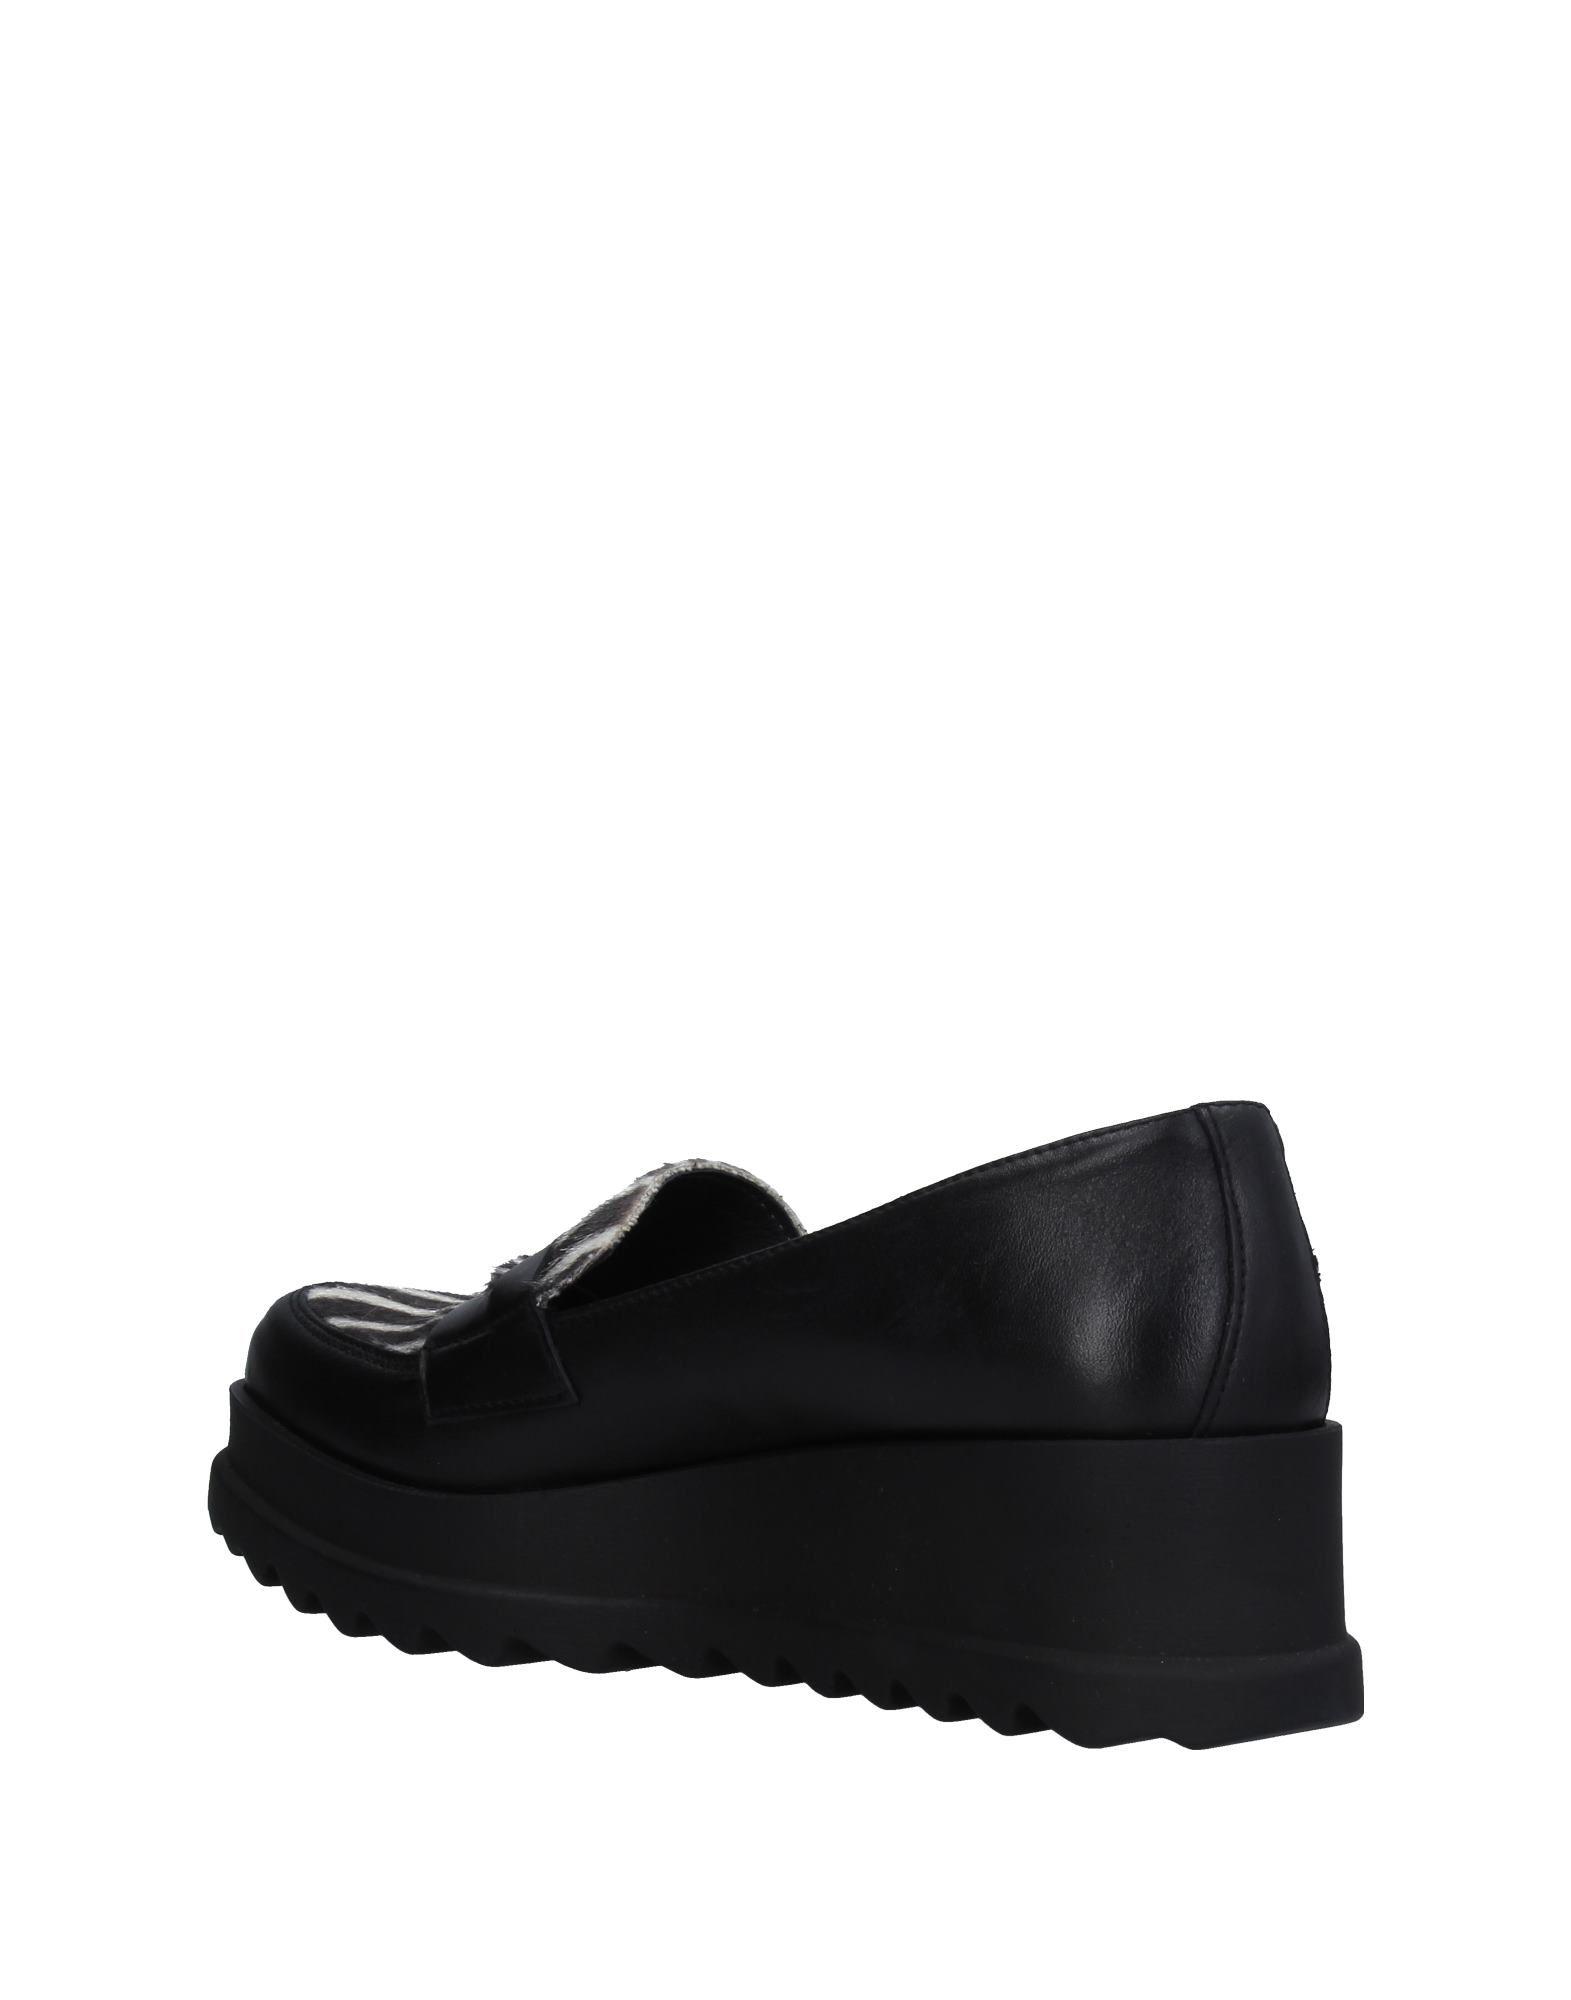 Unlace Mokassins Mokassins Mokassins Damen  11279335BH Gute Qualität beliebte Schuhe 95c785